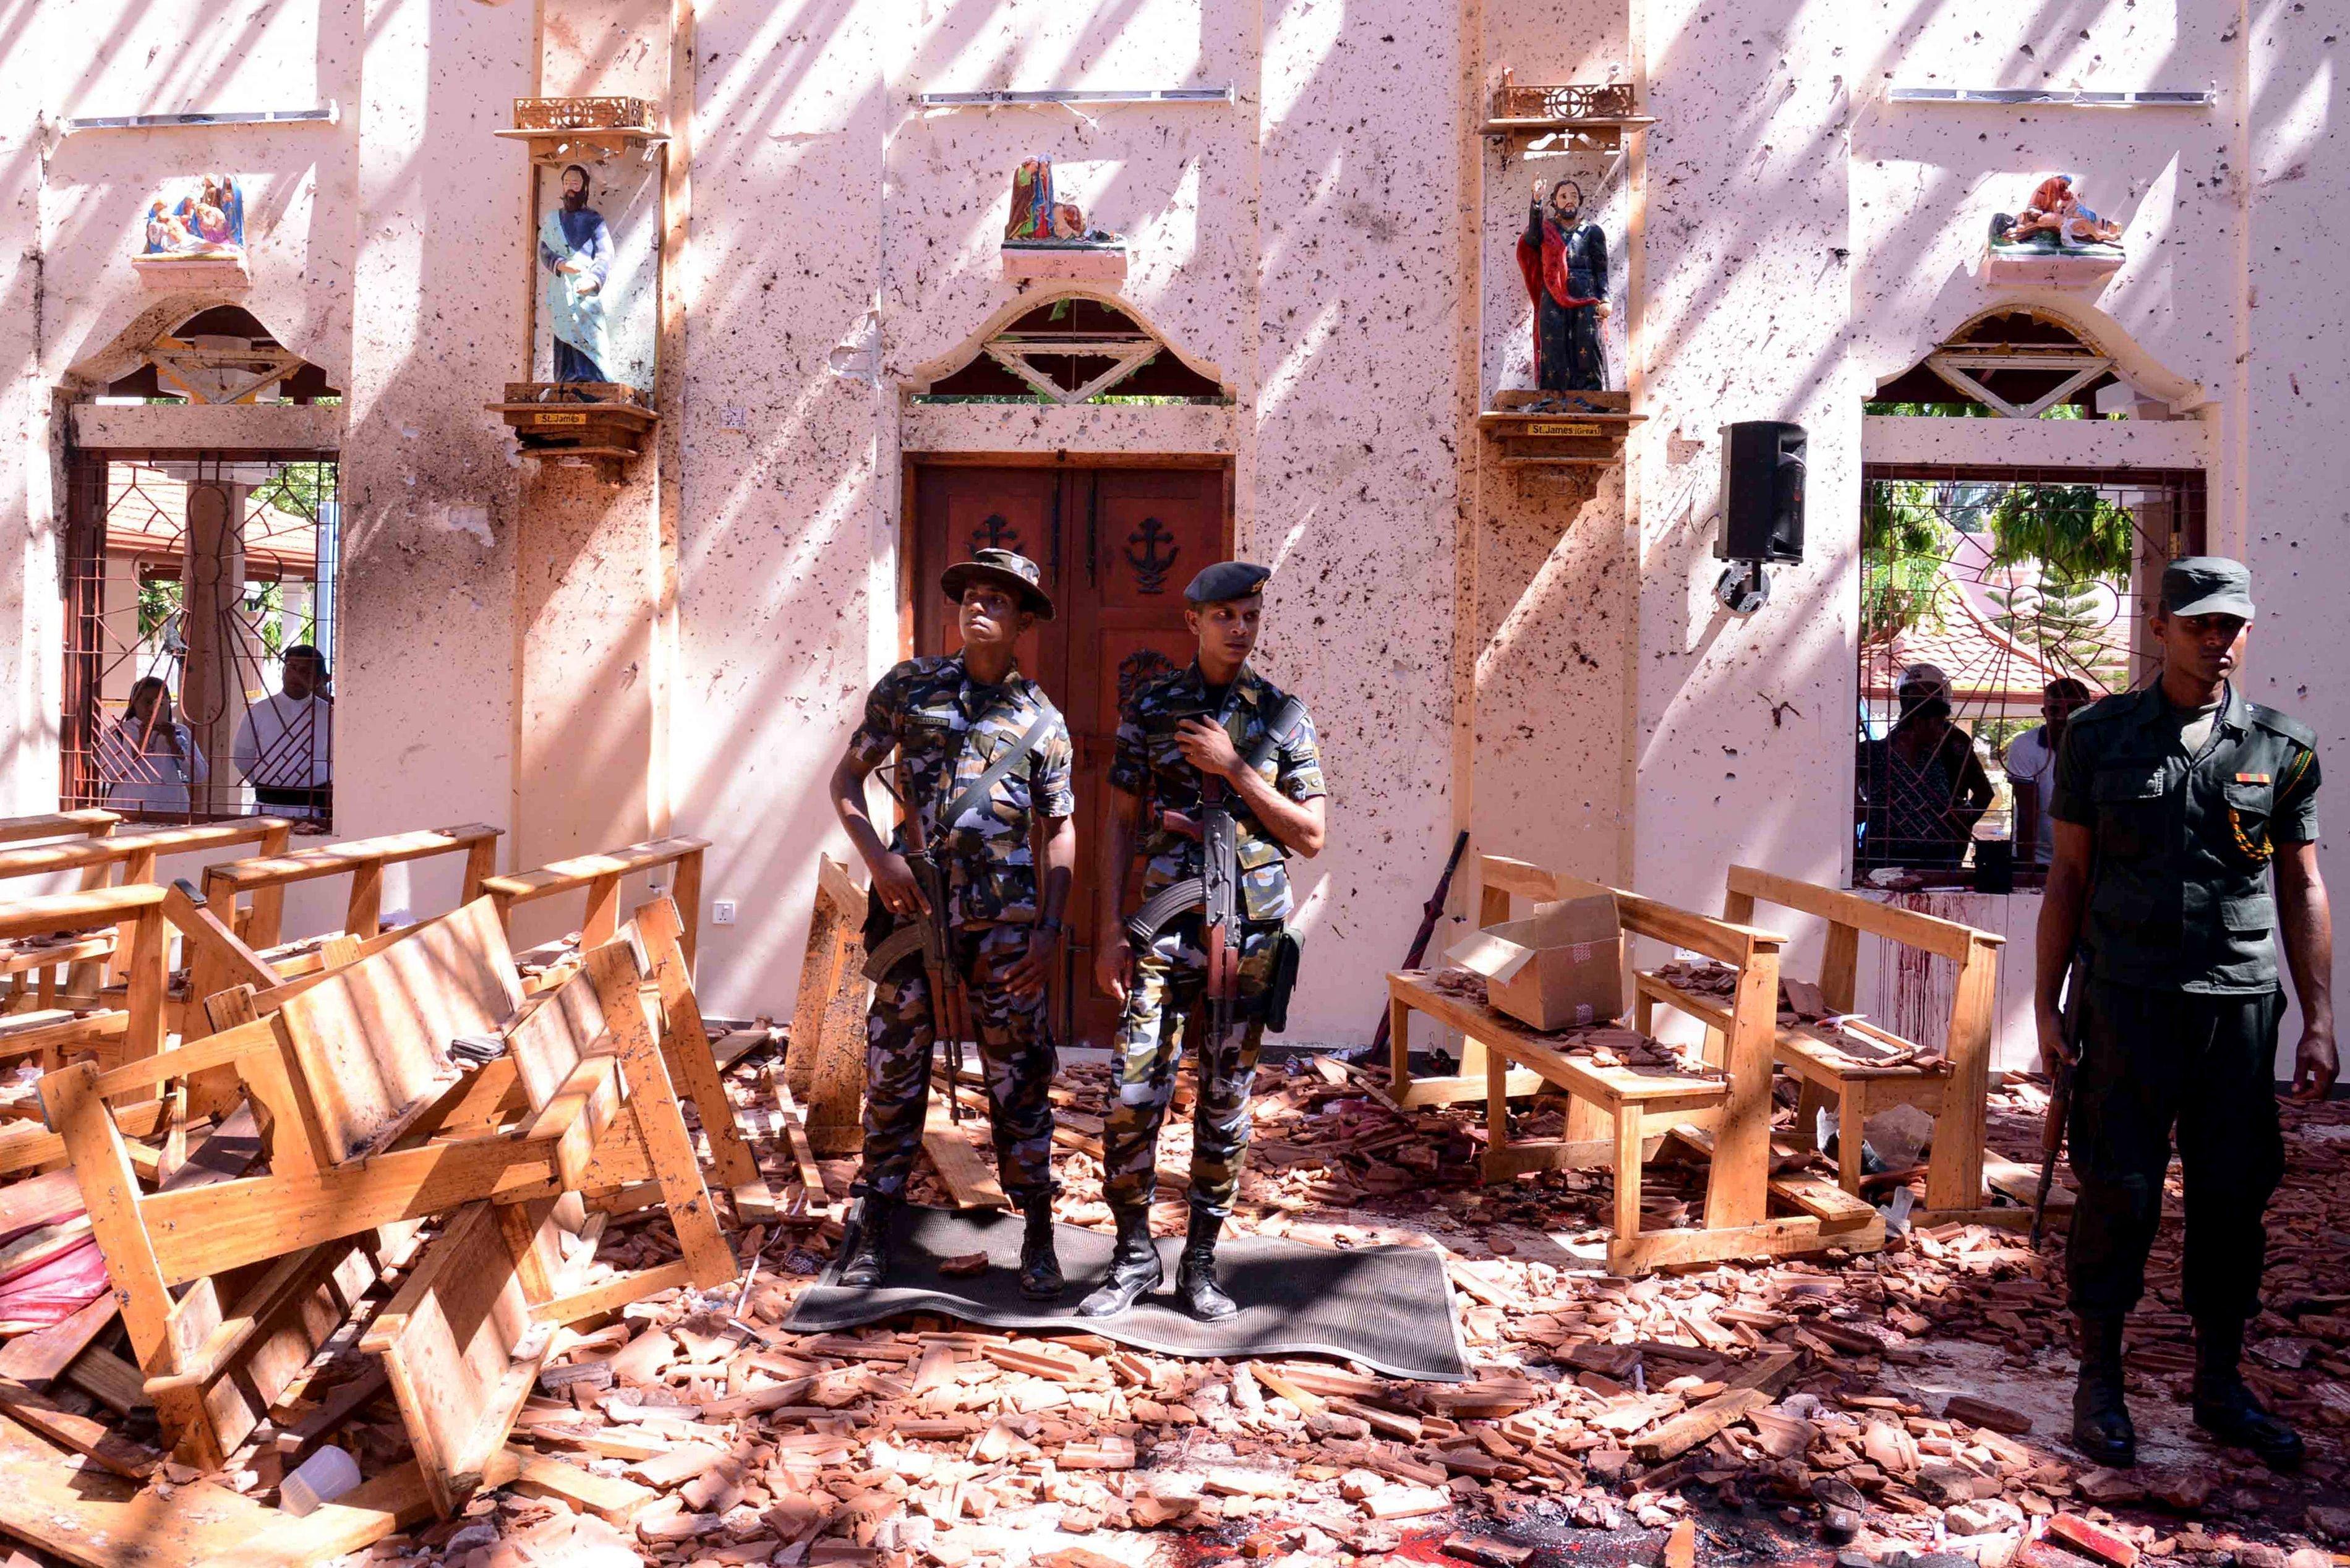 스리랑카 군인들이 폭발이 발생한 성 세바스티안 성당에서 경계 근무를 서고 있다. 스리랑카, 네곰보. 2019년